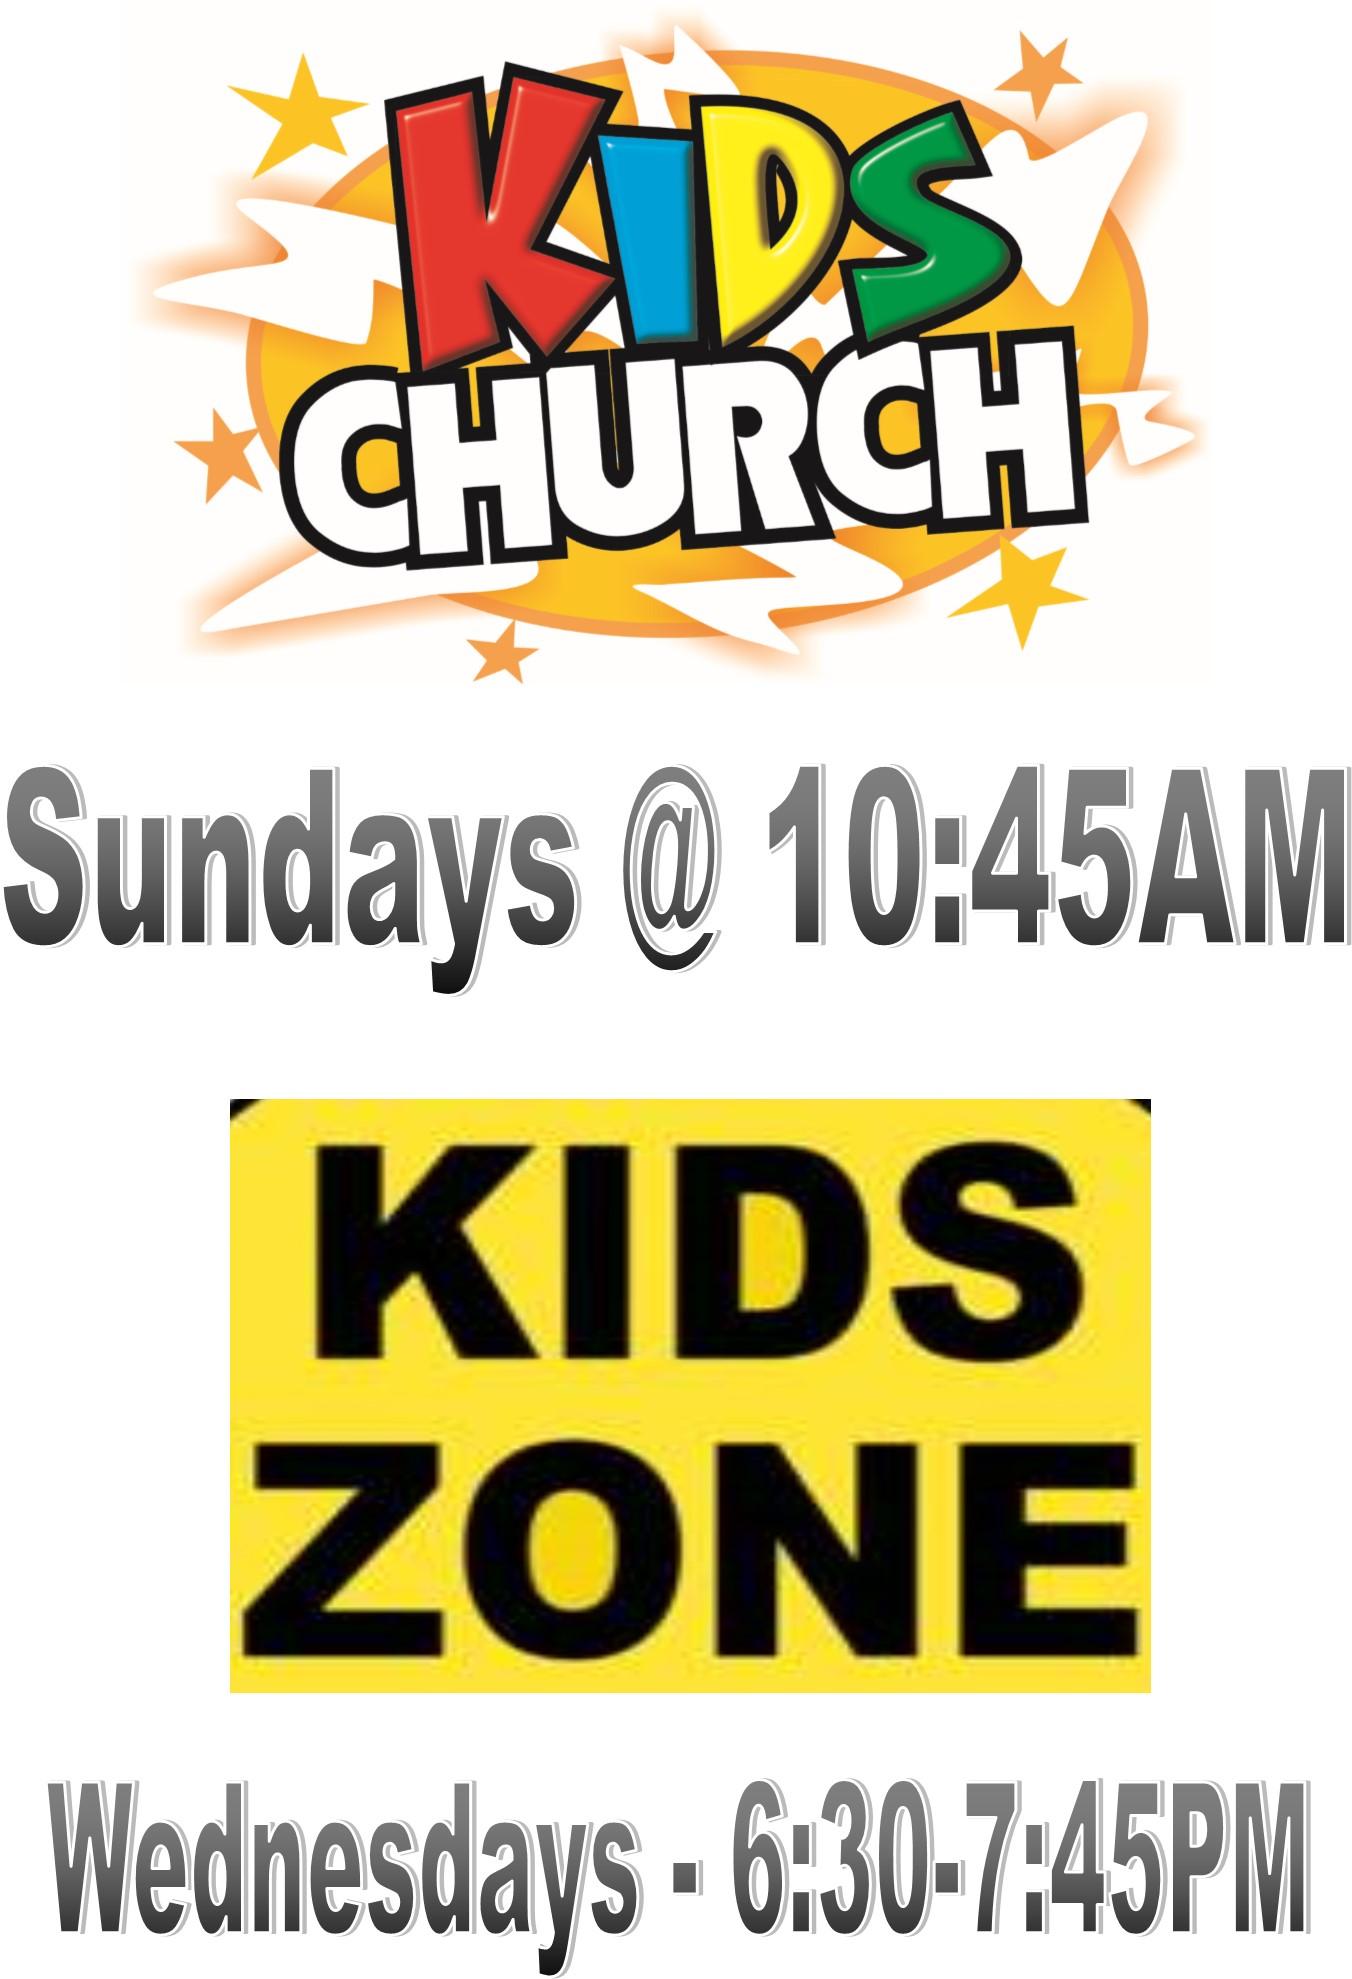 Kids Poster.jpg